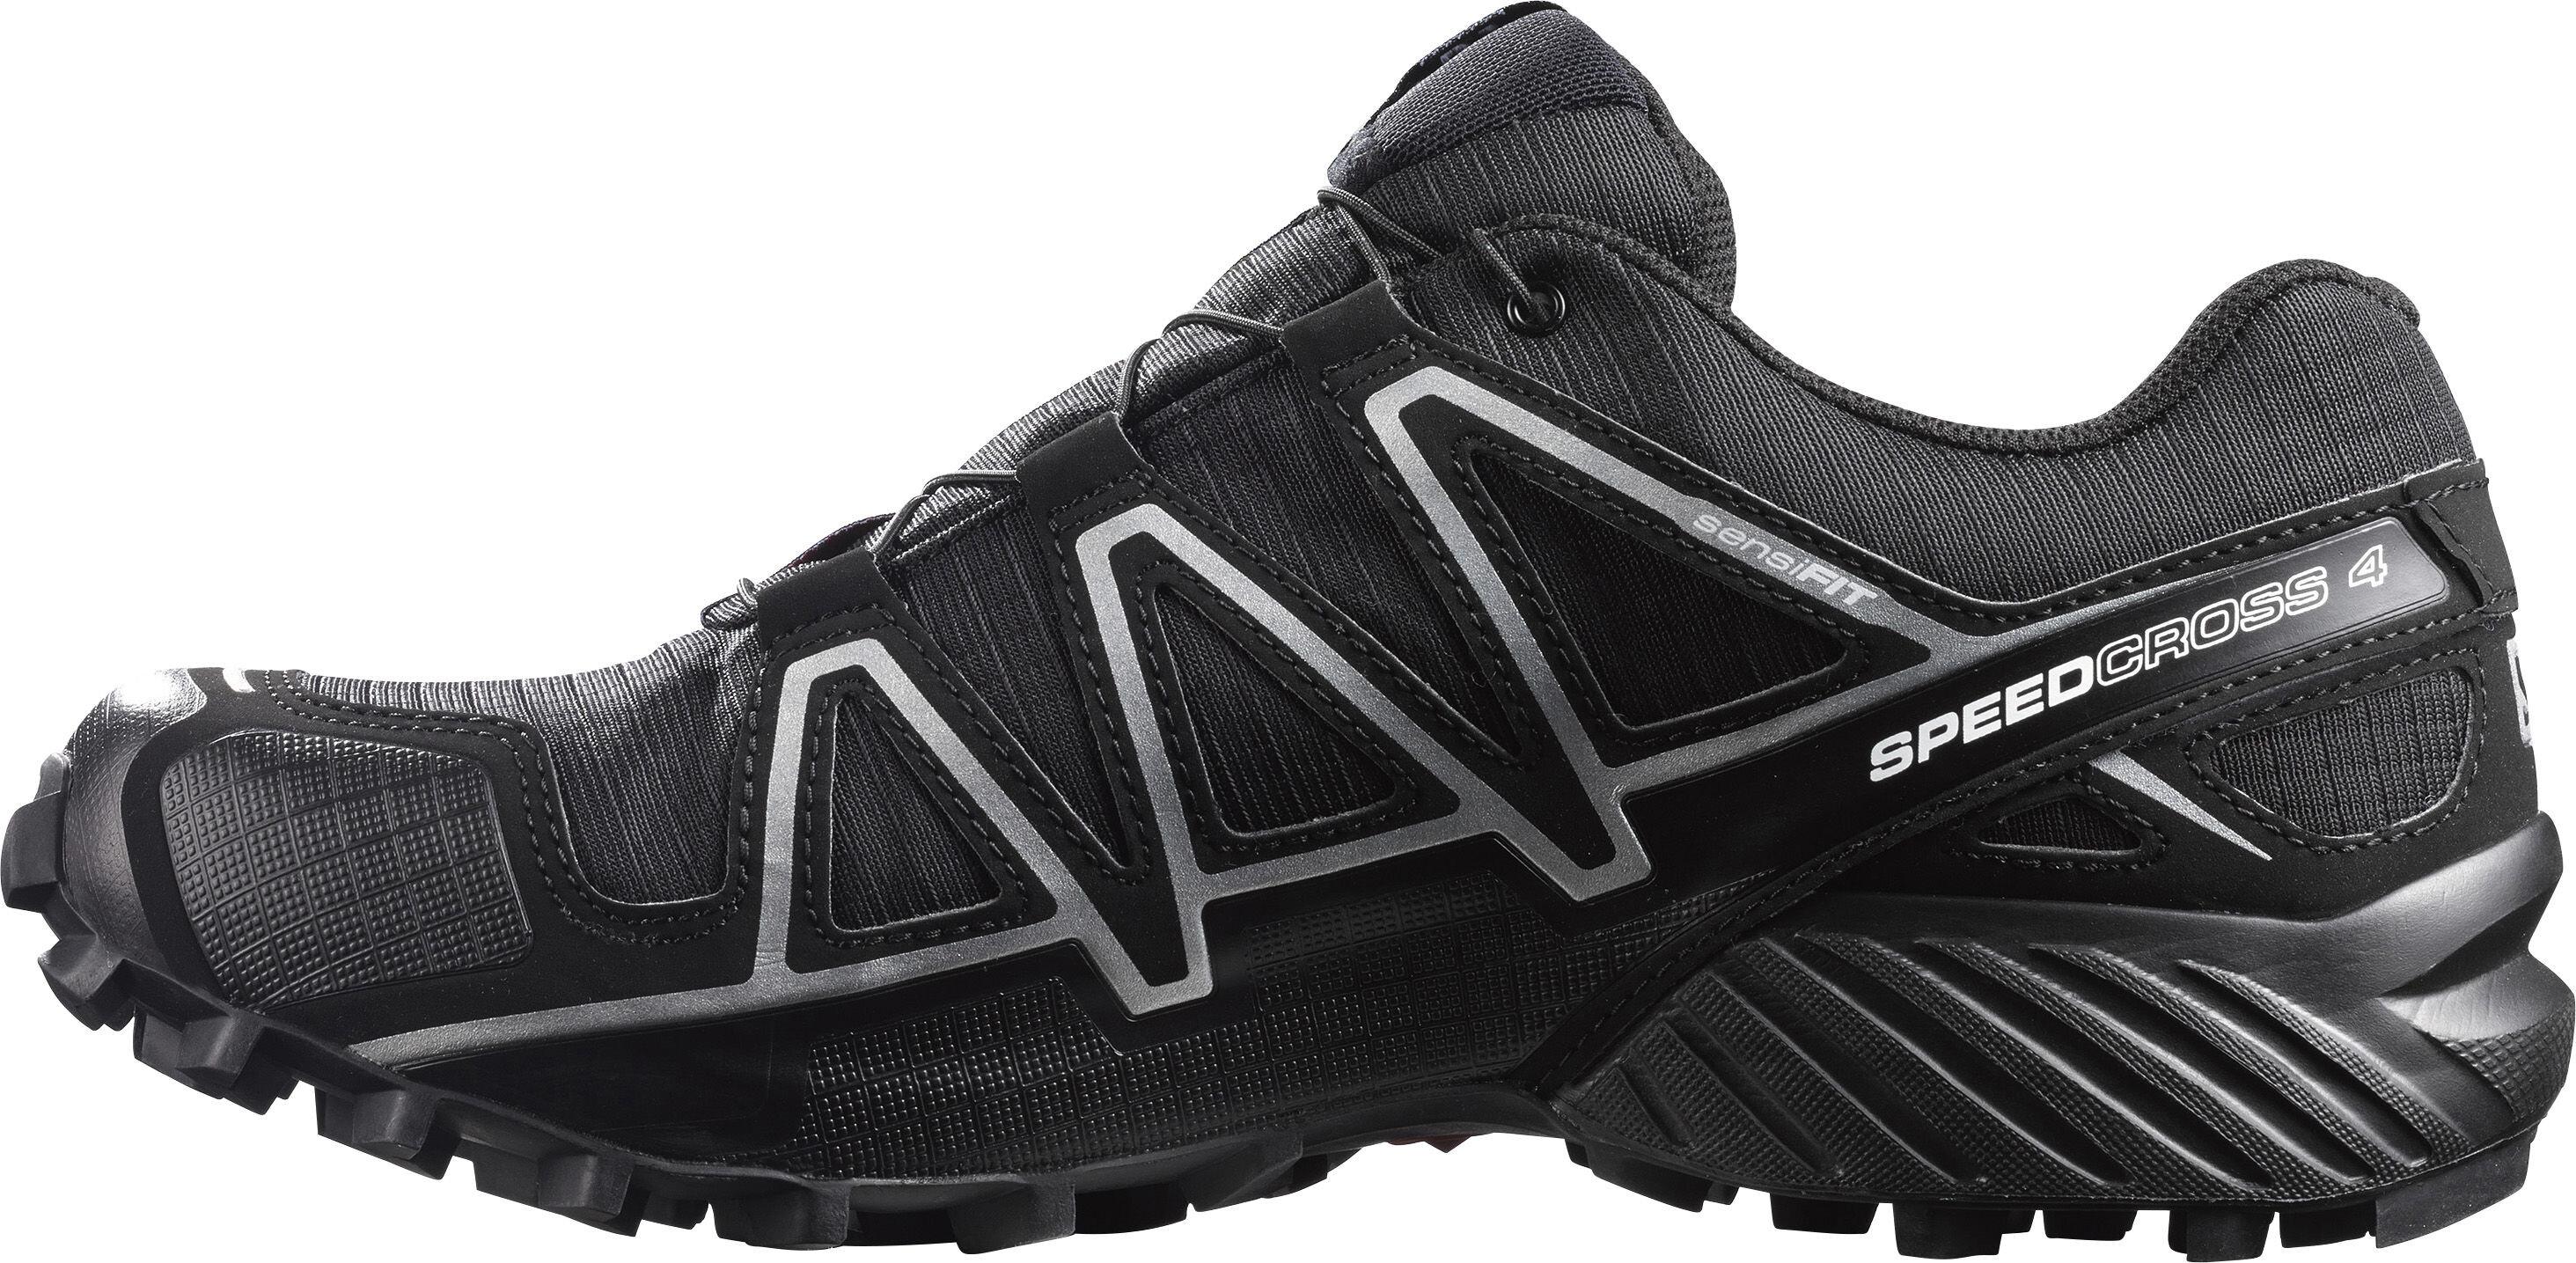 f5110d1dab3bd Salomon Speedcross 4 GTX - Chaussures running Homme - gris/noir ...